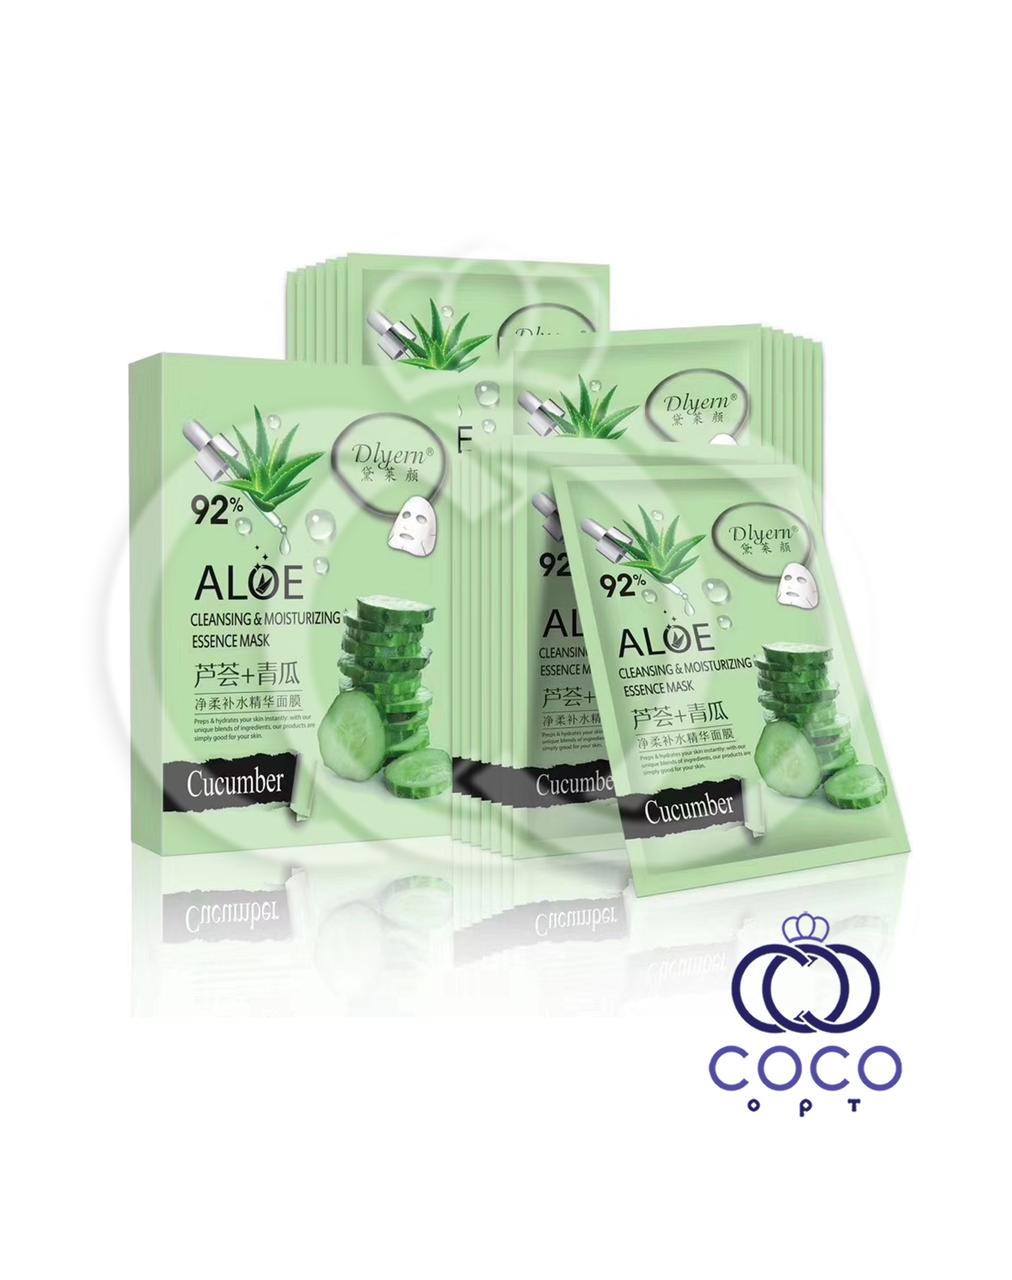 Тканевая маска для лица Aloe 92% с экстрактом алоэ и огурца (10 штук)